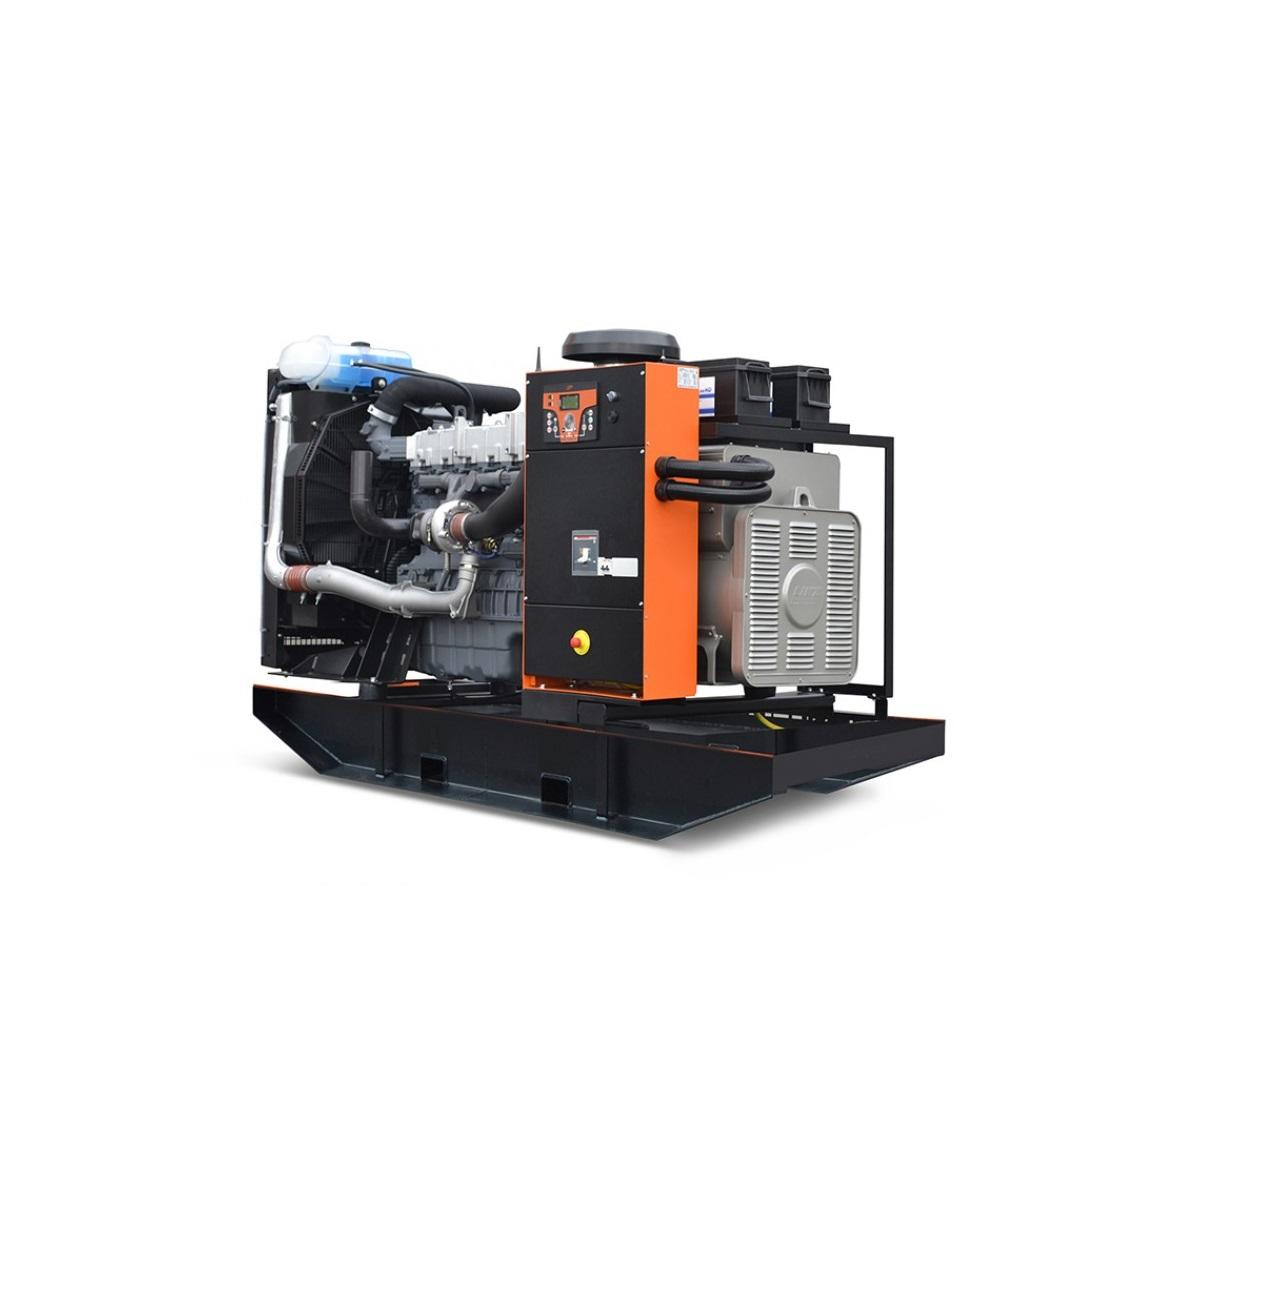 Дизельный генератор (электростанция) RID 1400 E-SERIES